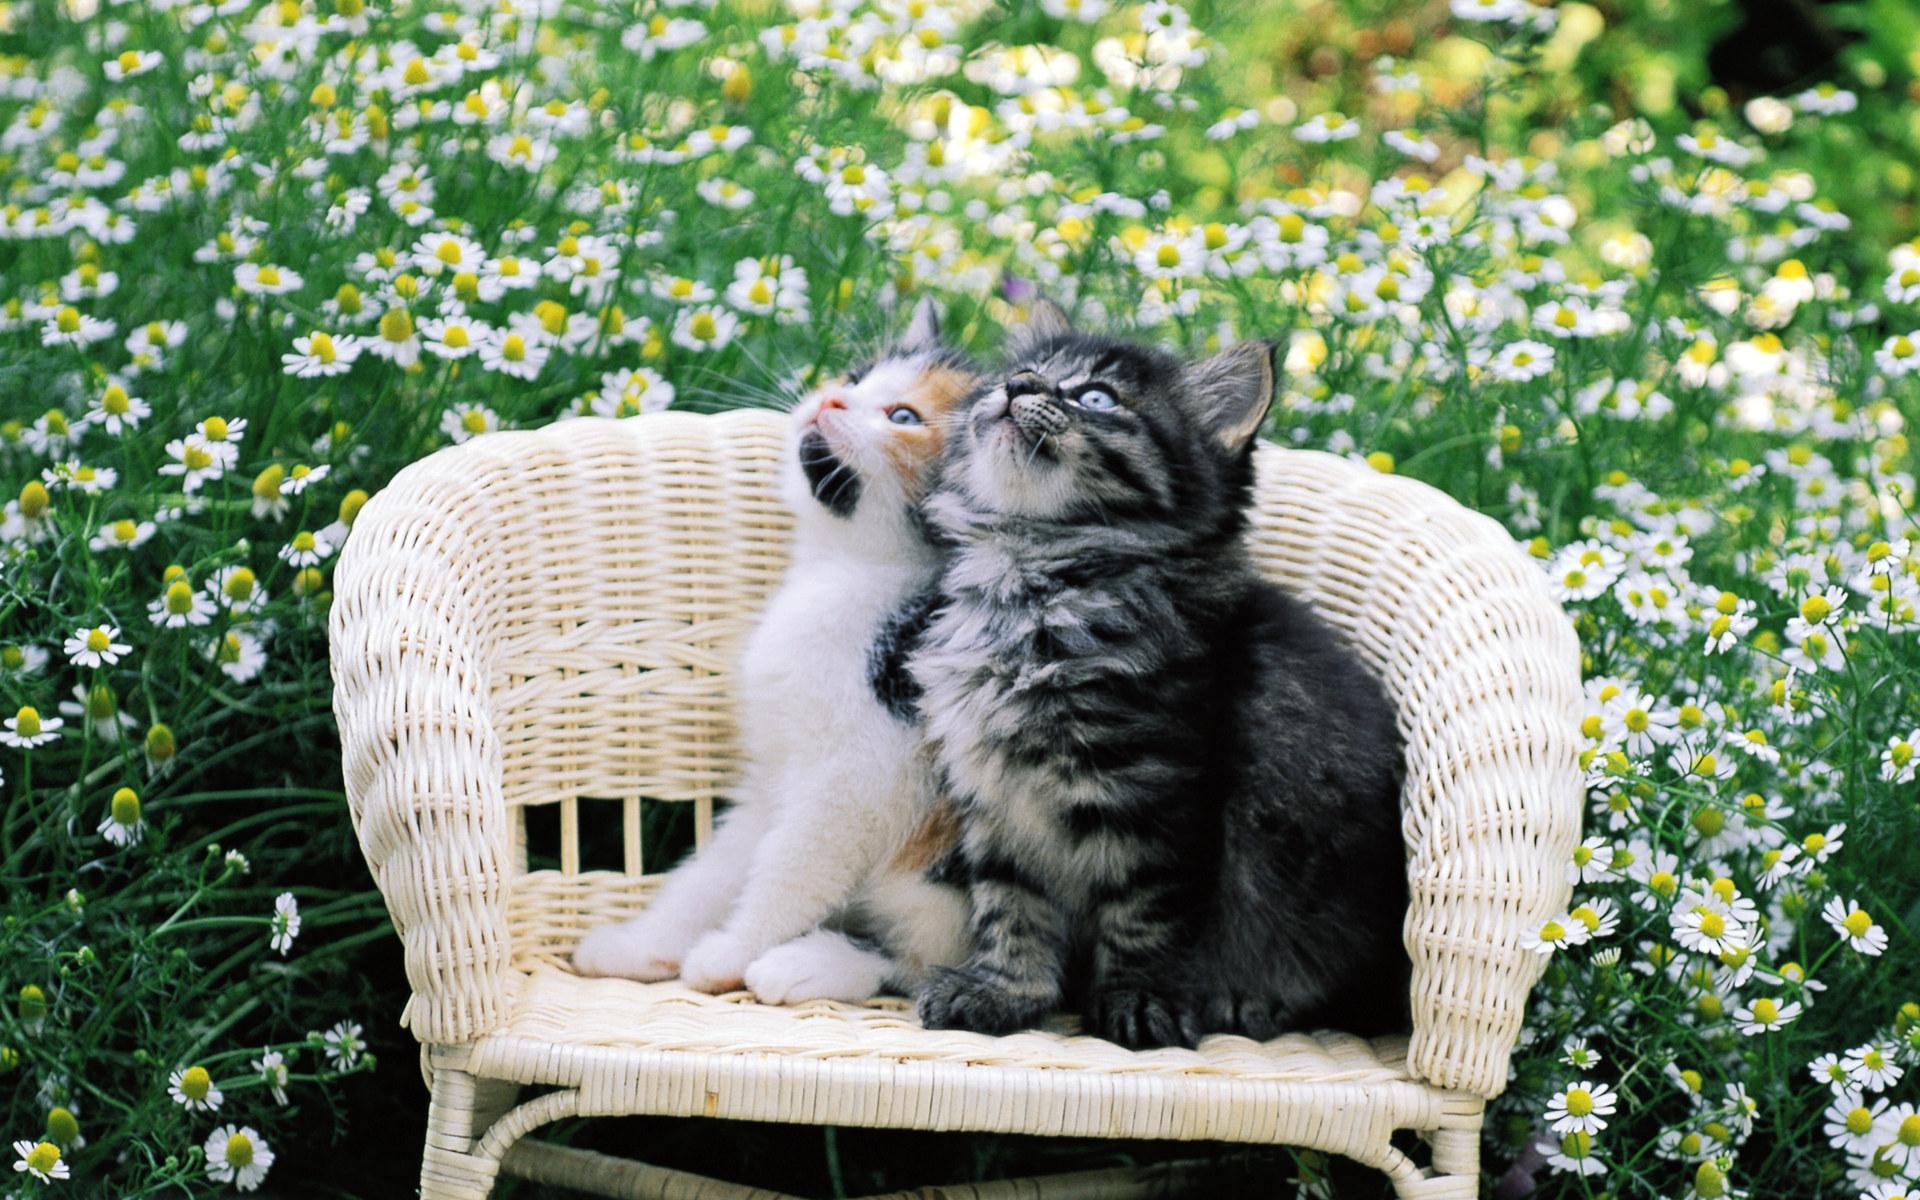 download wallpaper: kittens in een stoel wallpaper